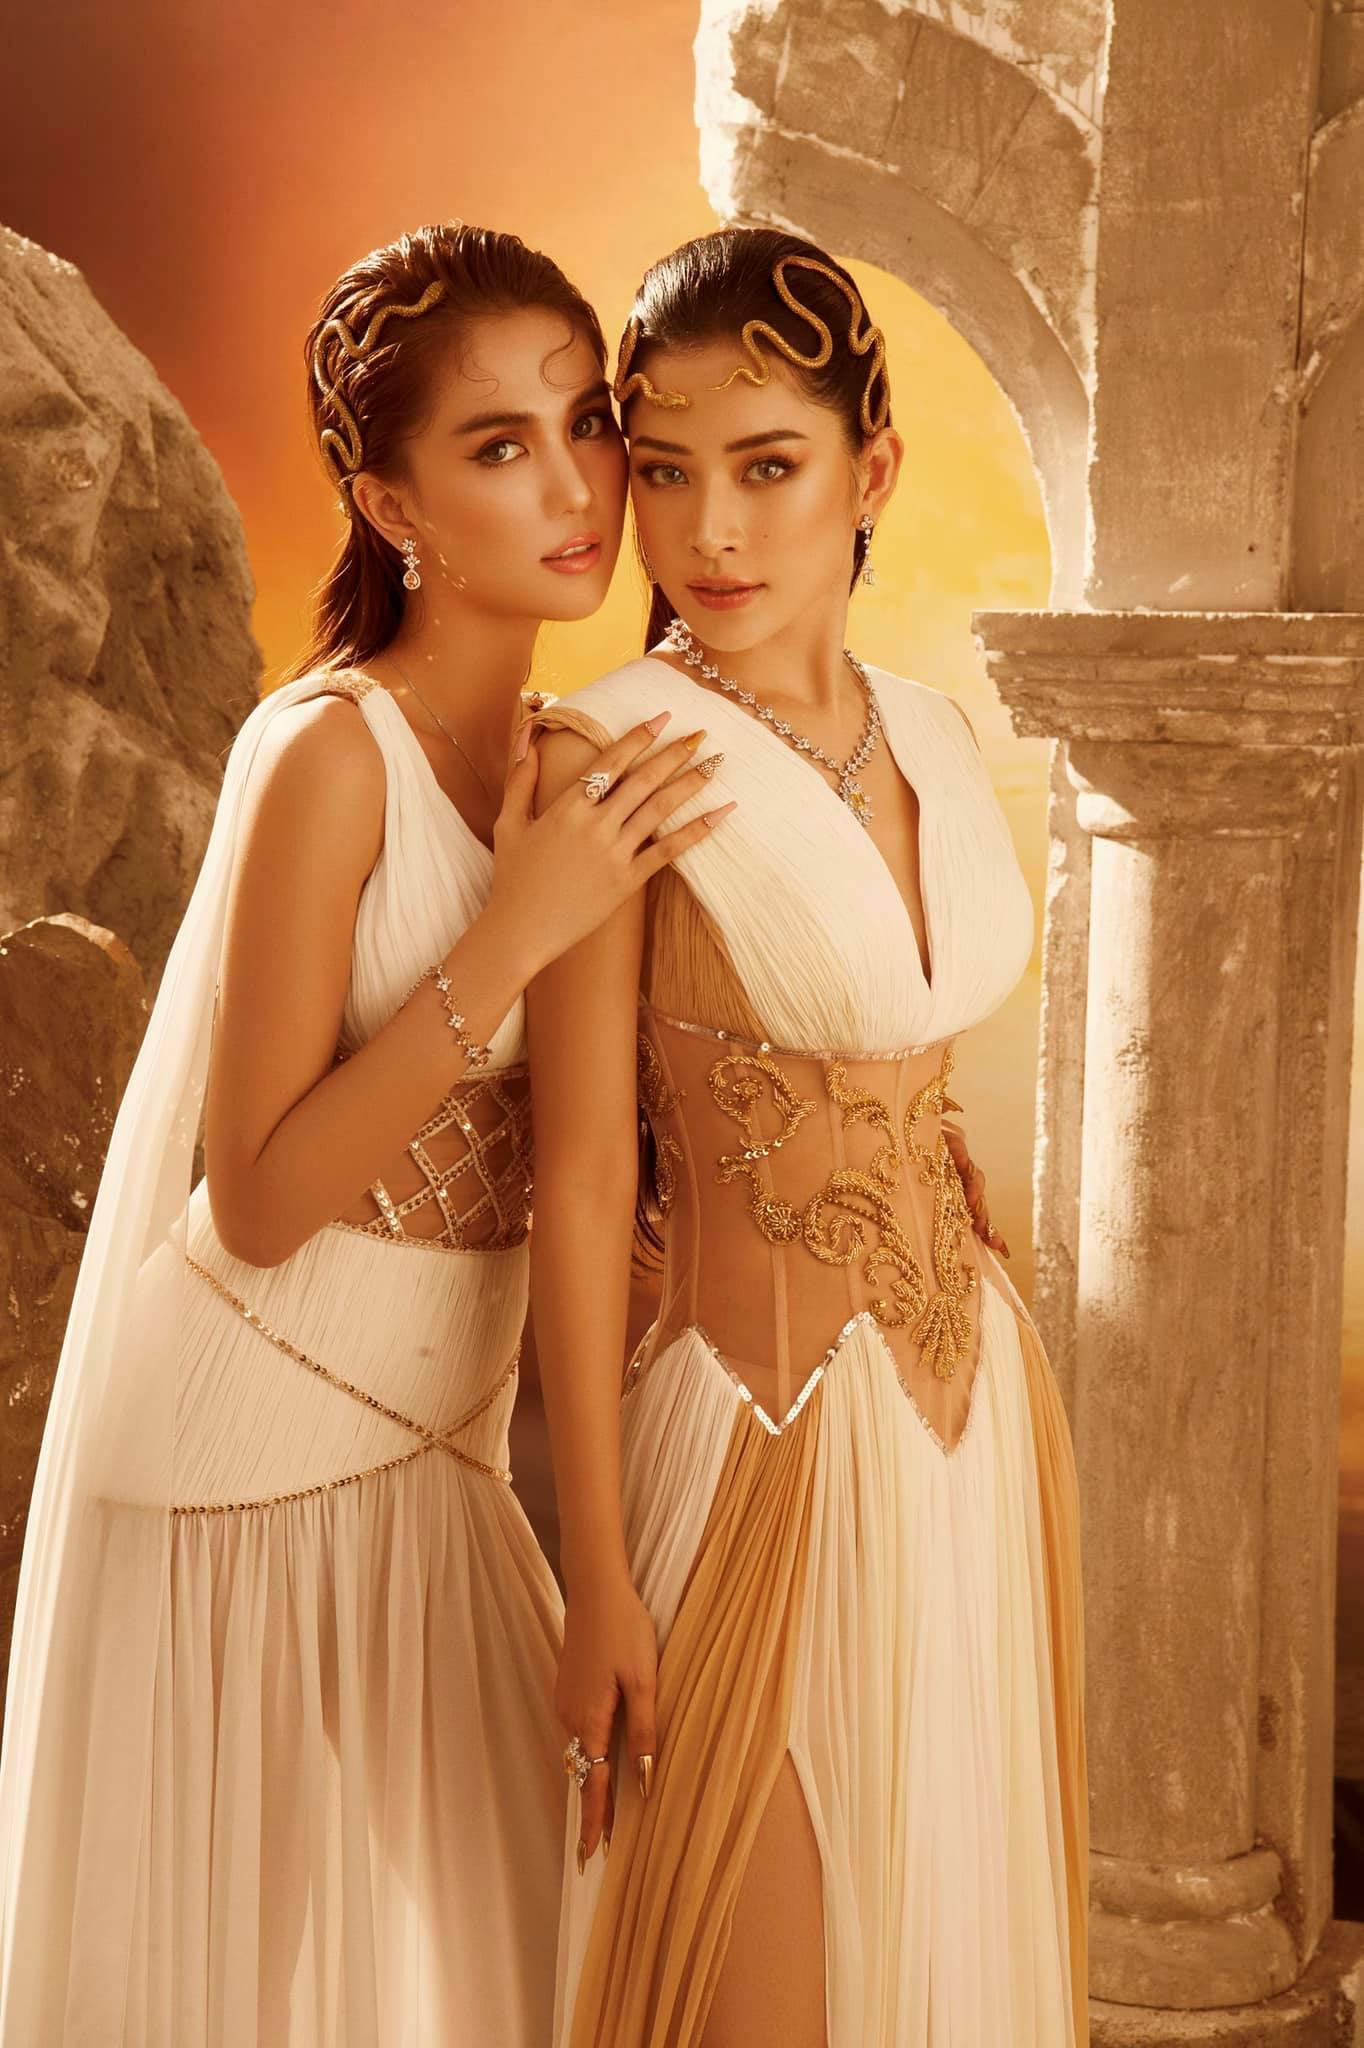 Liệu Chi Pu có đang trở thành Ngọc Trinh thứ 2 khi phong cách thời trang ngày càng hở bạo dần đều  - Ảnh 4.